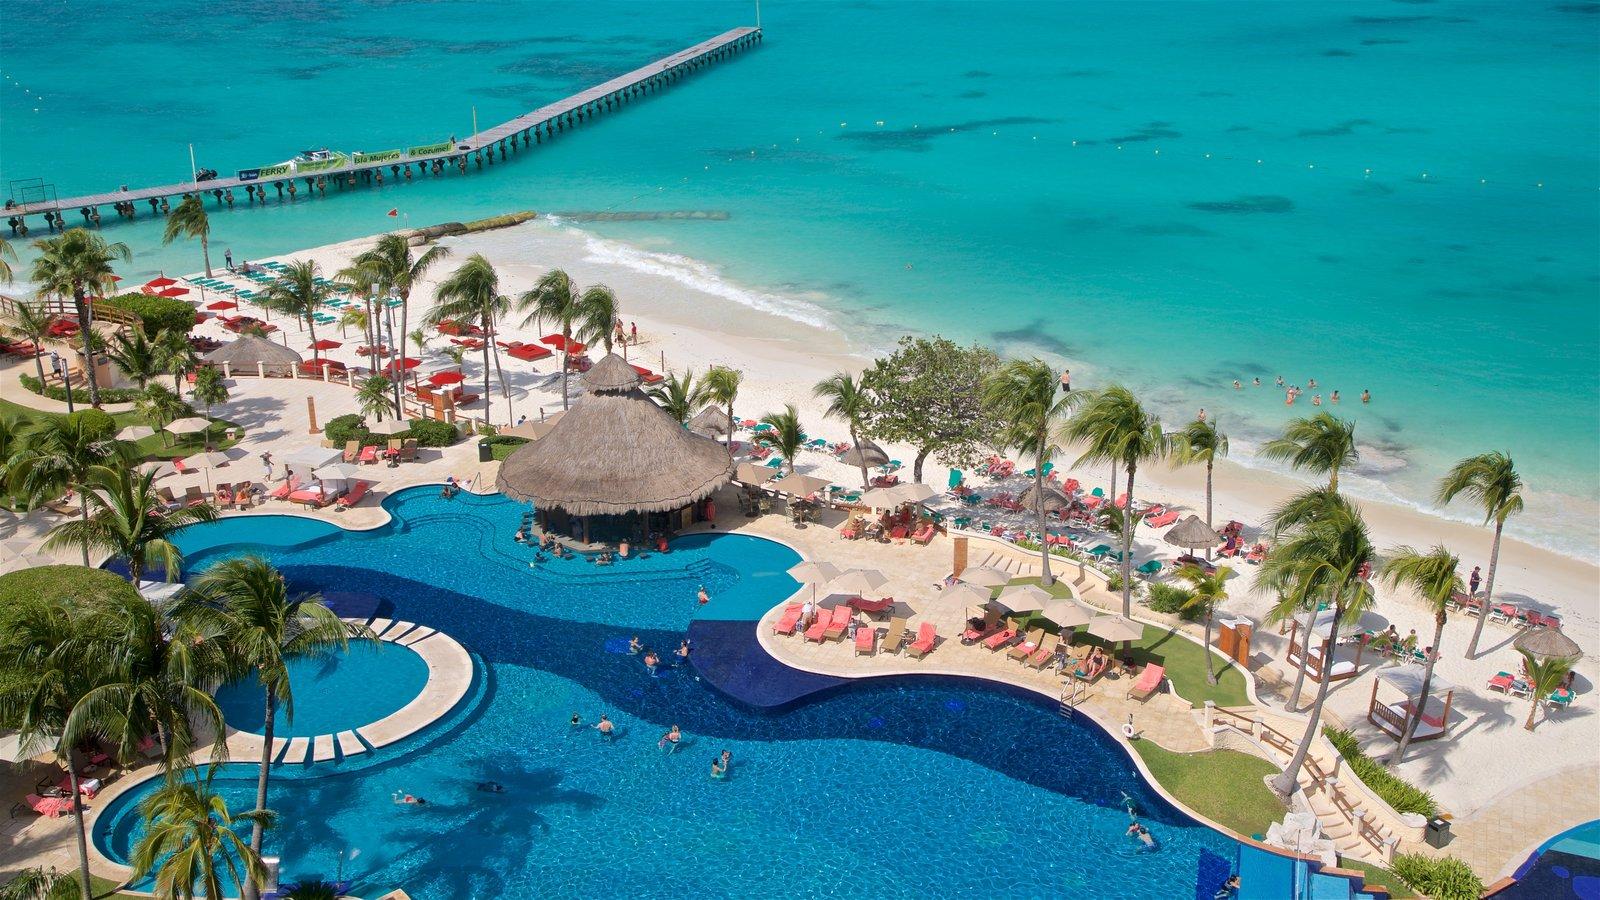 Cancún mostrando vistas generales de la costa, vistas de paisajes y escenas tropicales